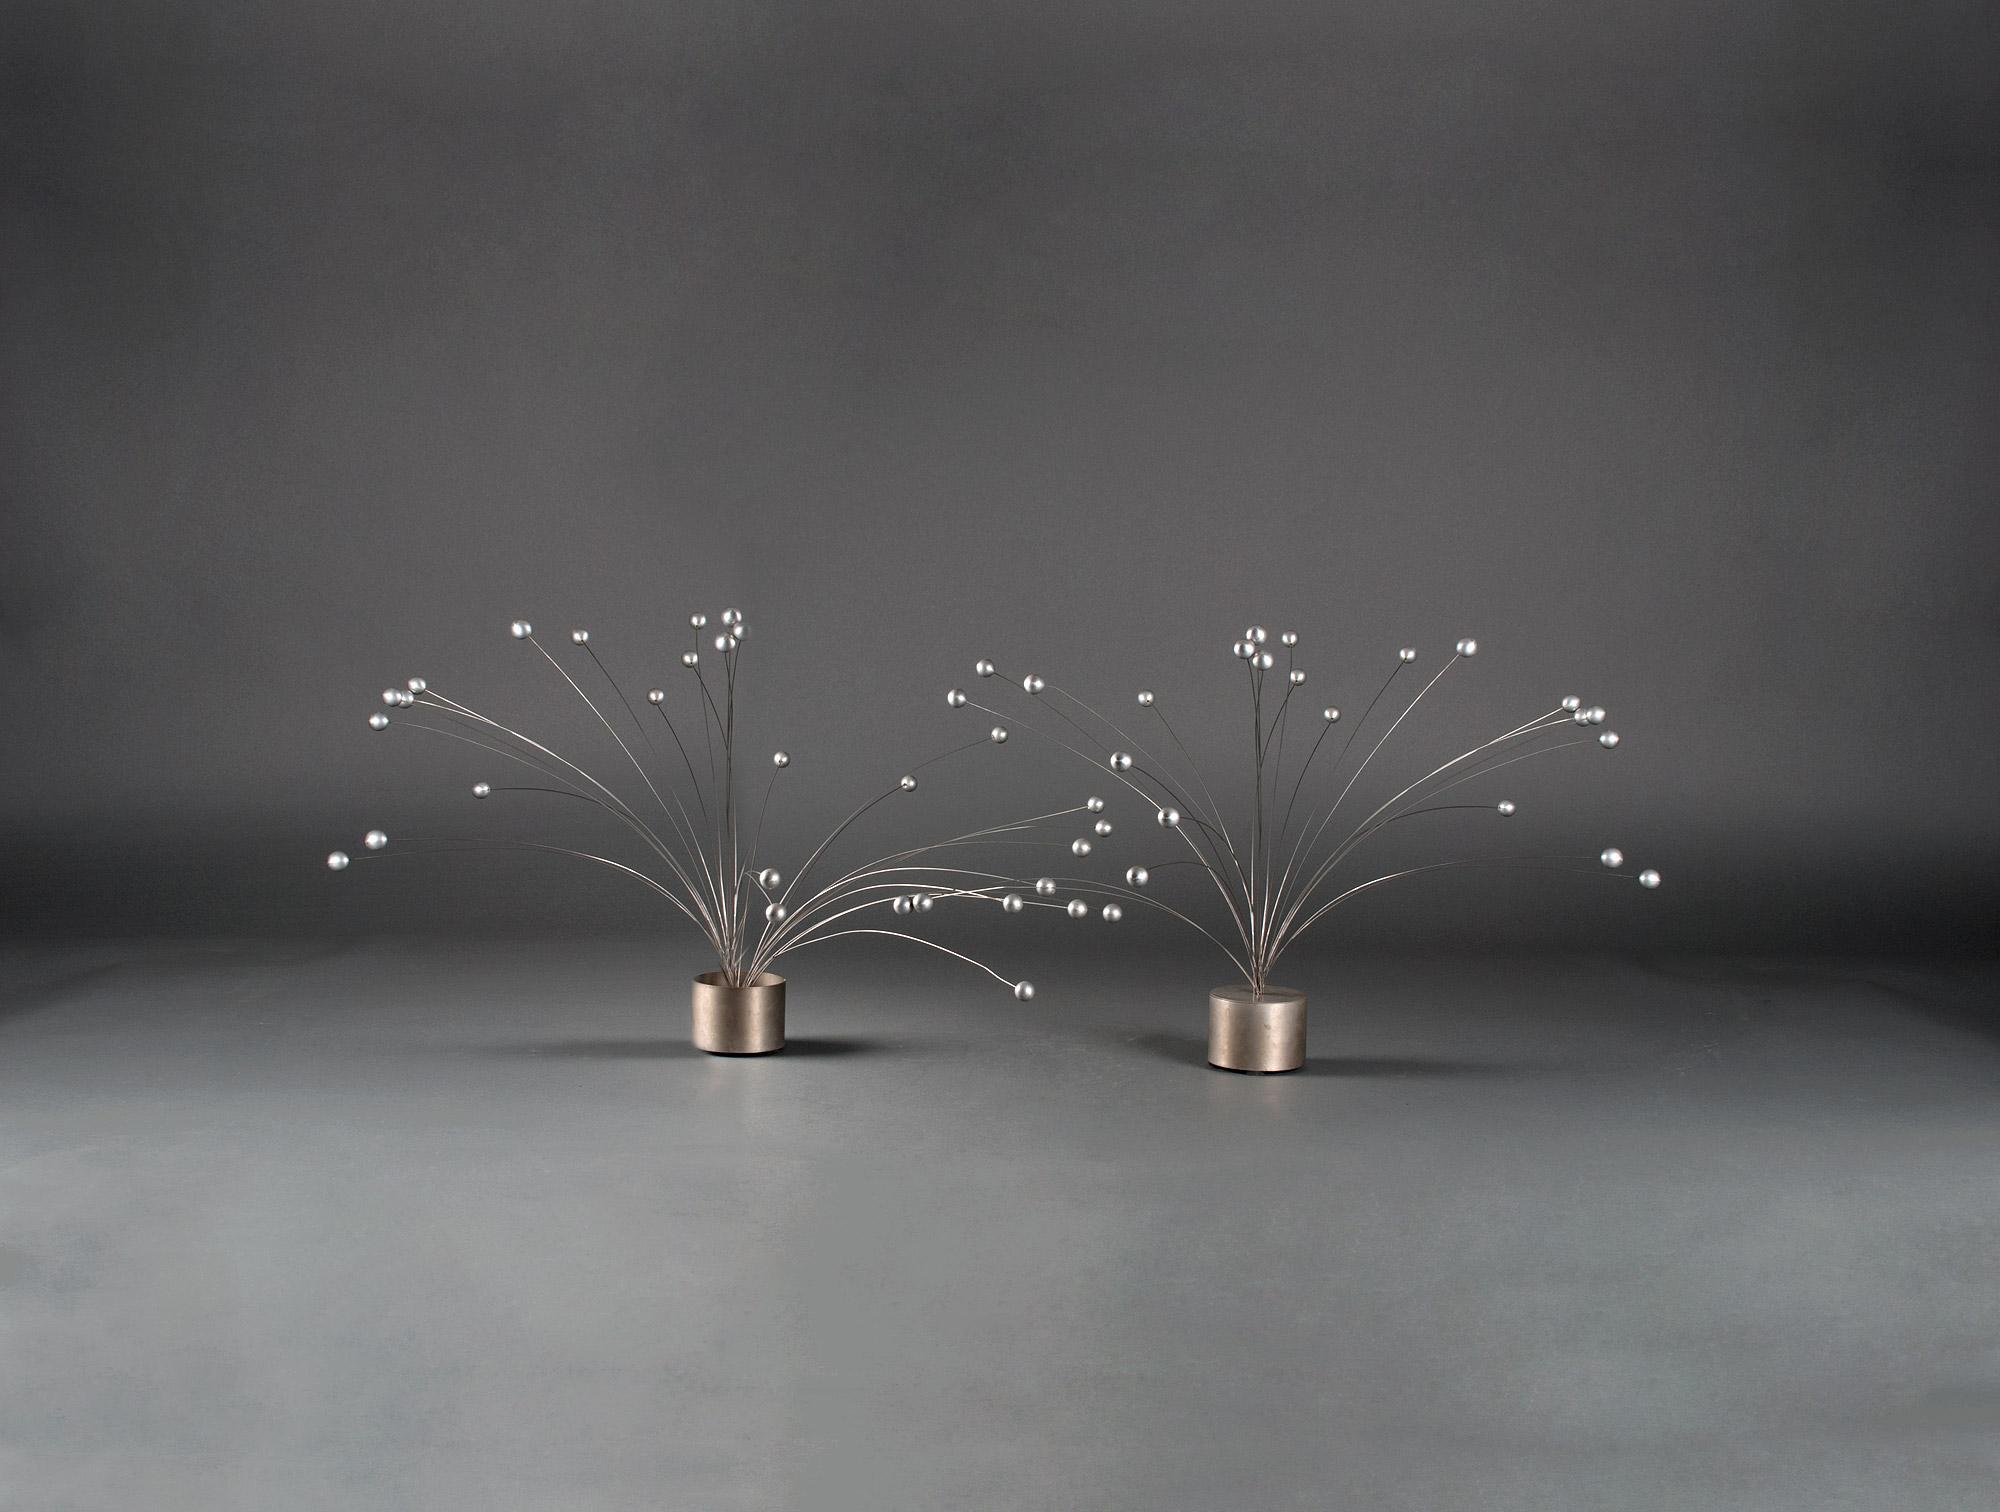 Vases en aluminium 1970 soubrier louer objets d co vase for Objet deco contemporain